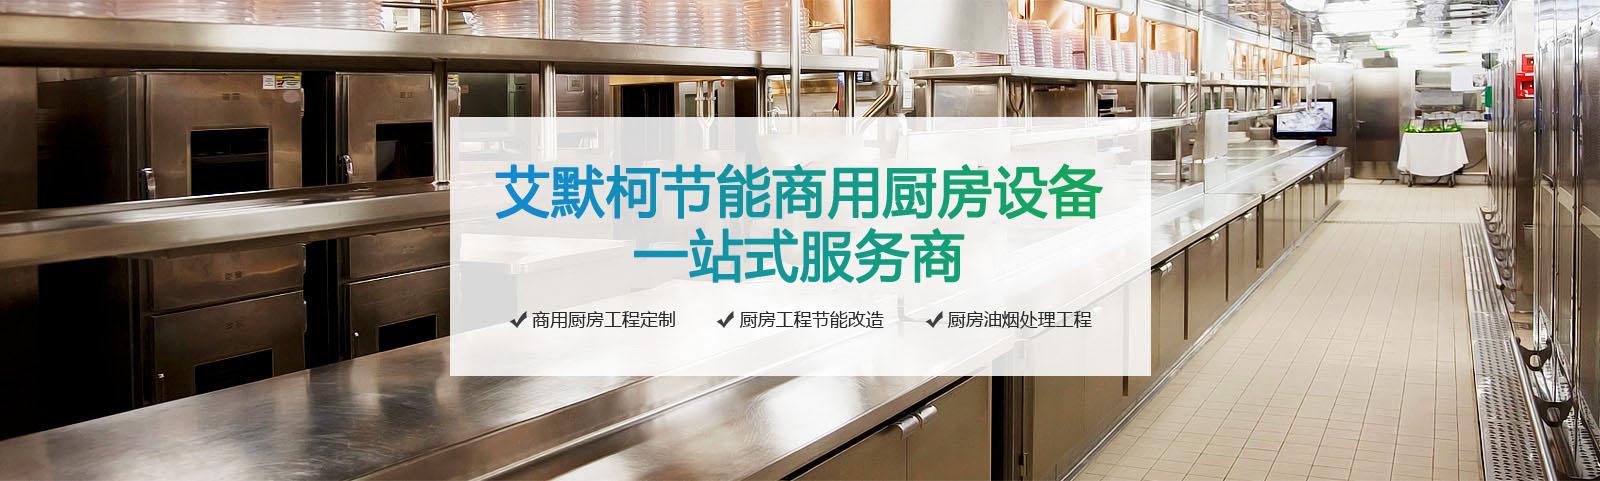 艾默柯—节能商用厨房设备一站式服务商